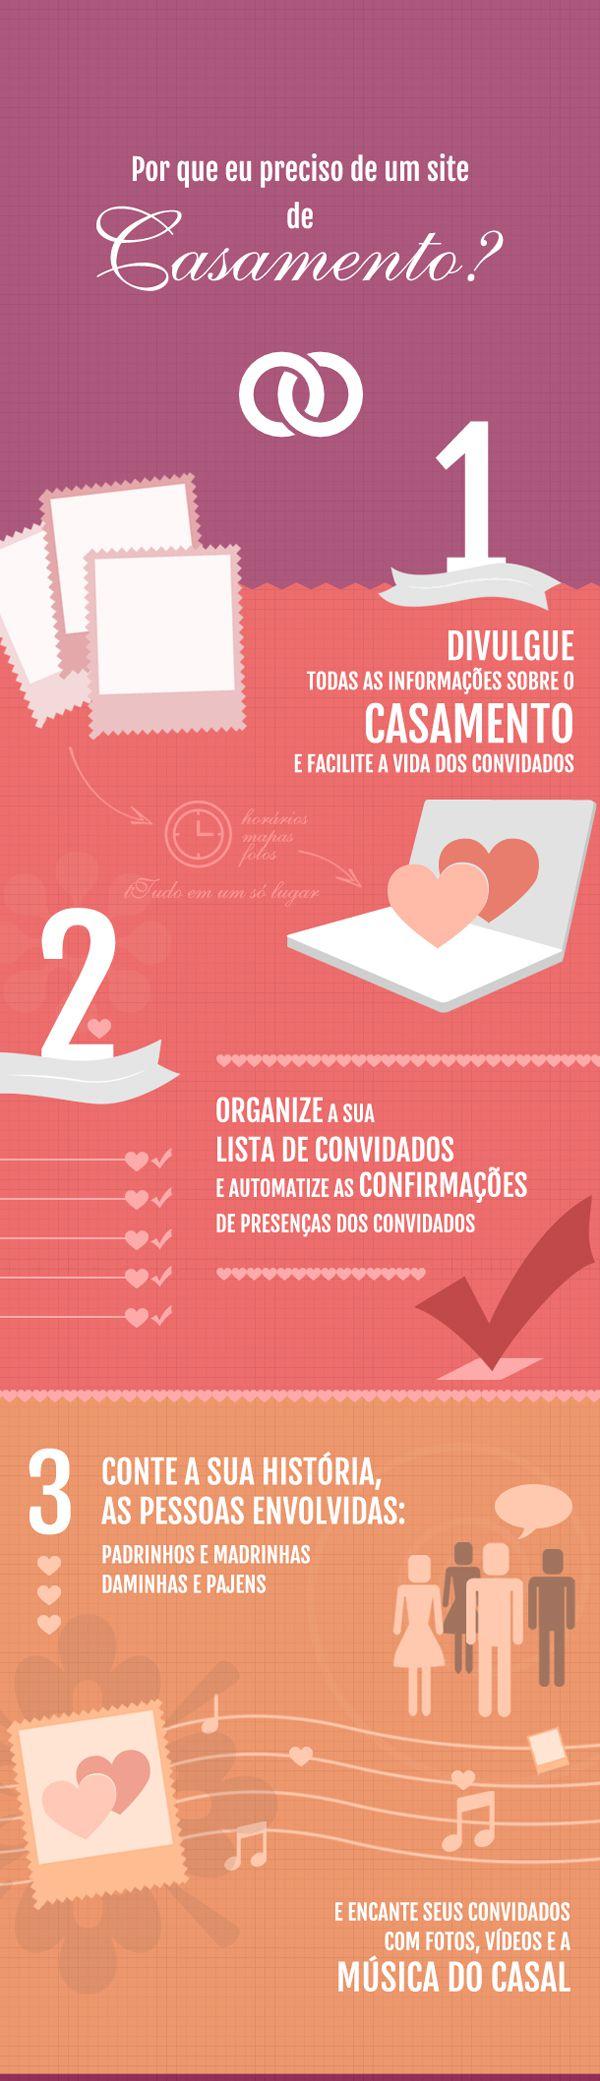 Lista de casamento São Paulo